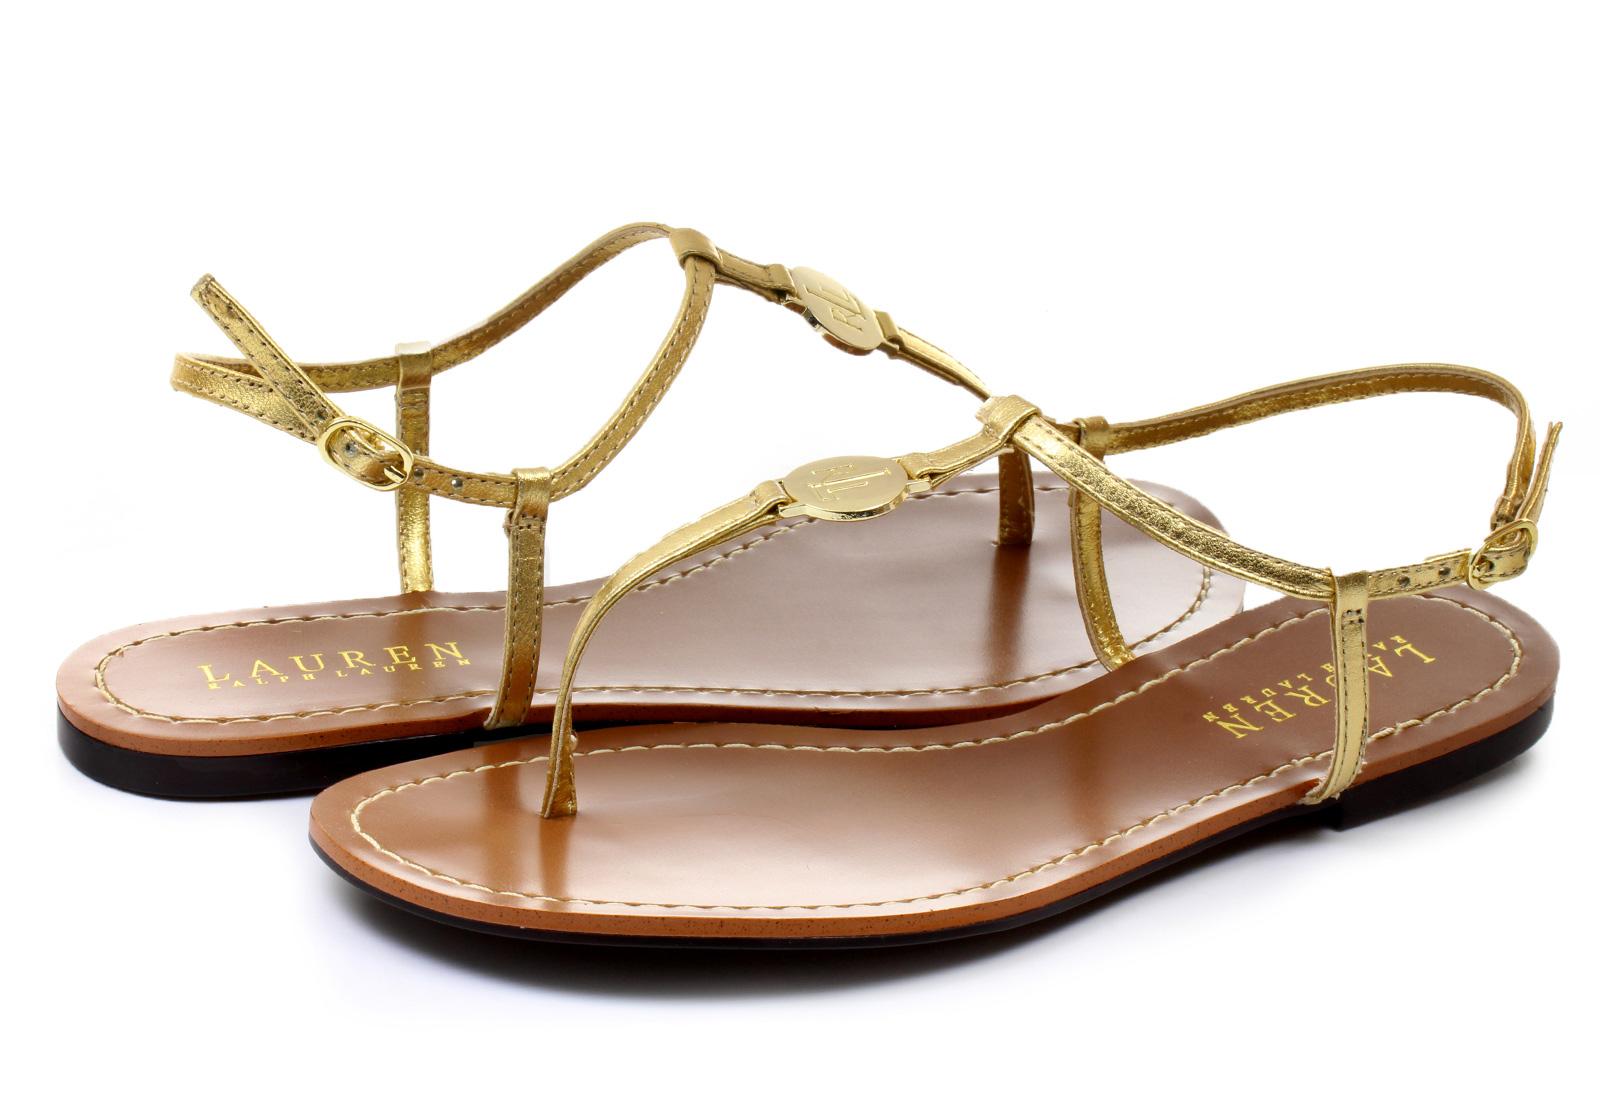 e7b9aaa498 Lauren Szandál - Aimon - 8021551231F3 - Office Shoes Magyarország